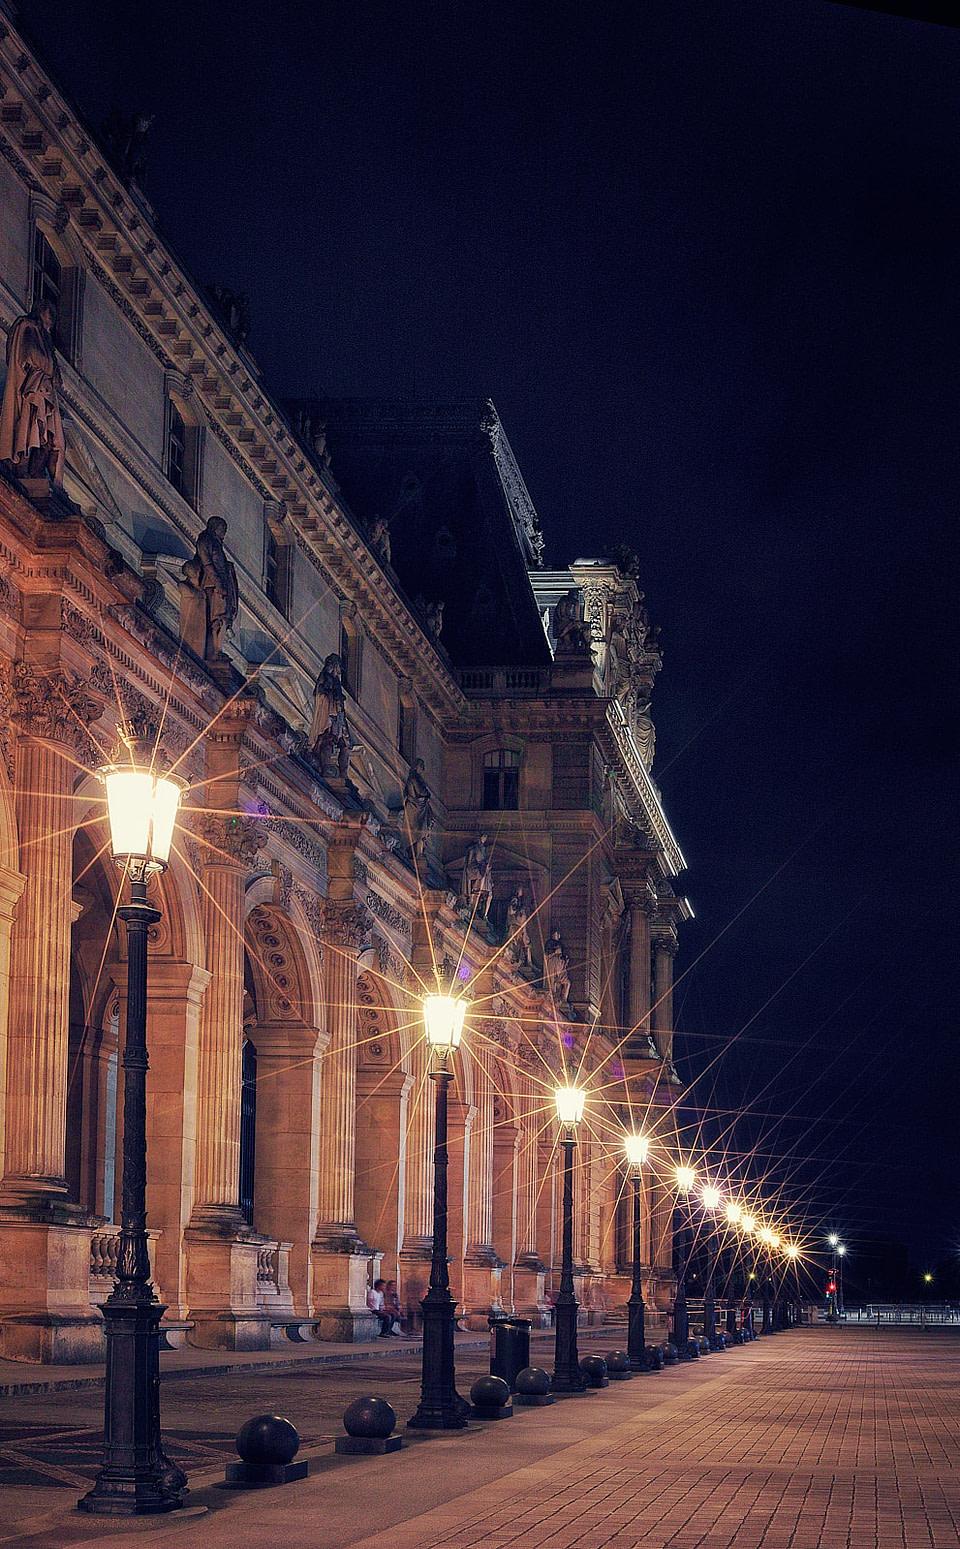 Alignement de lampadaires au Louvre, Cour Napoléon de nuit à Paris, Jul 2020 - photo : © Laurent Delisle - capturedinstant.com